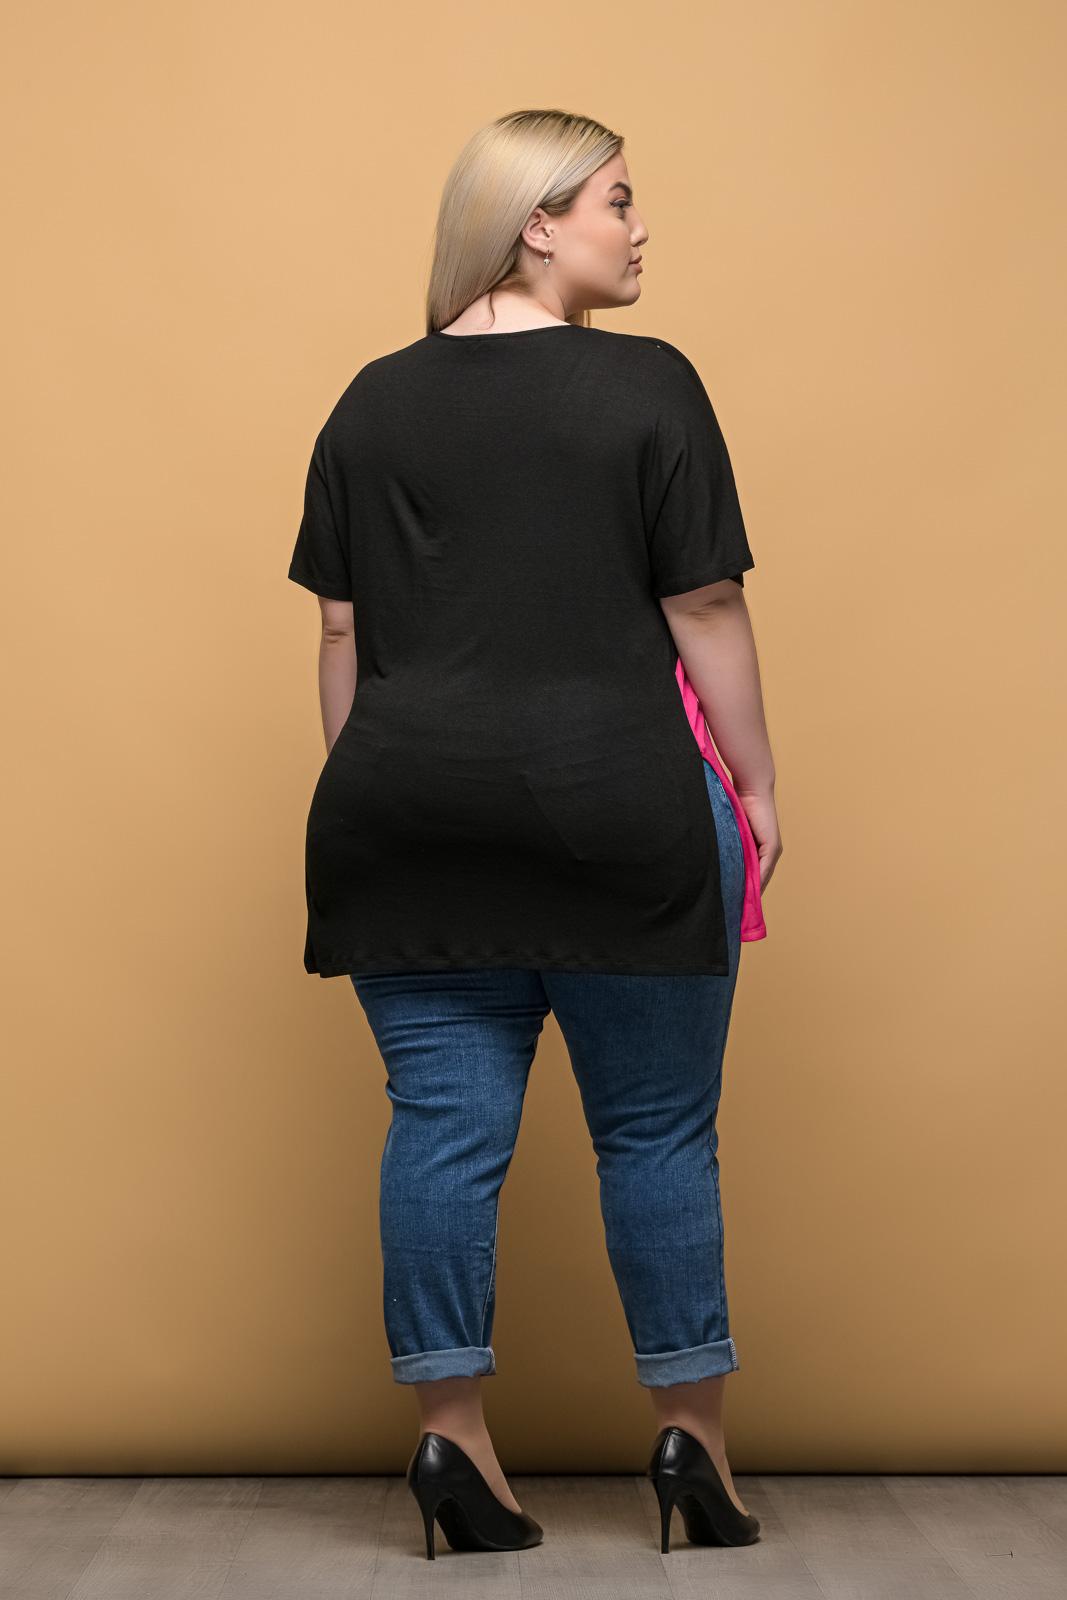 Μπλούζα μεγάλα μεγέθη ασύμμετρη σε τριχρωμία/μαύρη με V στο λαιμό.Στο eshop μας θα βρείτε οικονομικά γυναίκεια ρούχα σε μεγάλα μεγέθη και υπερμεγέθη.